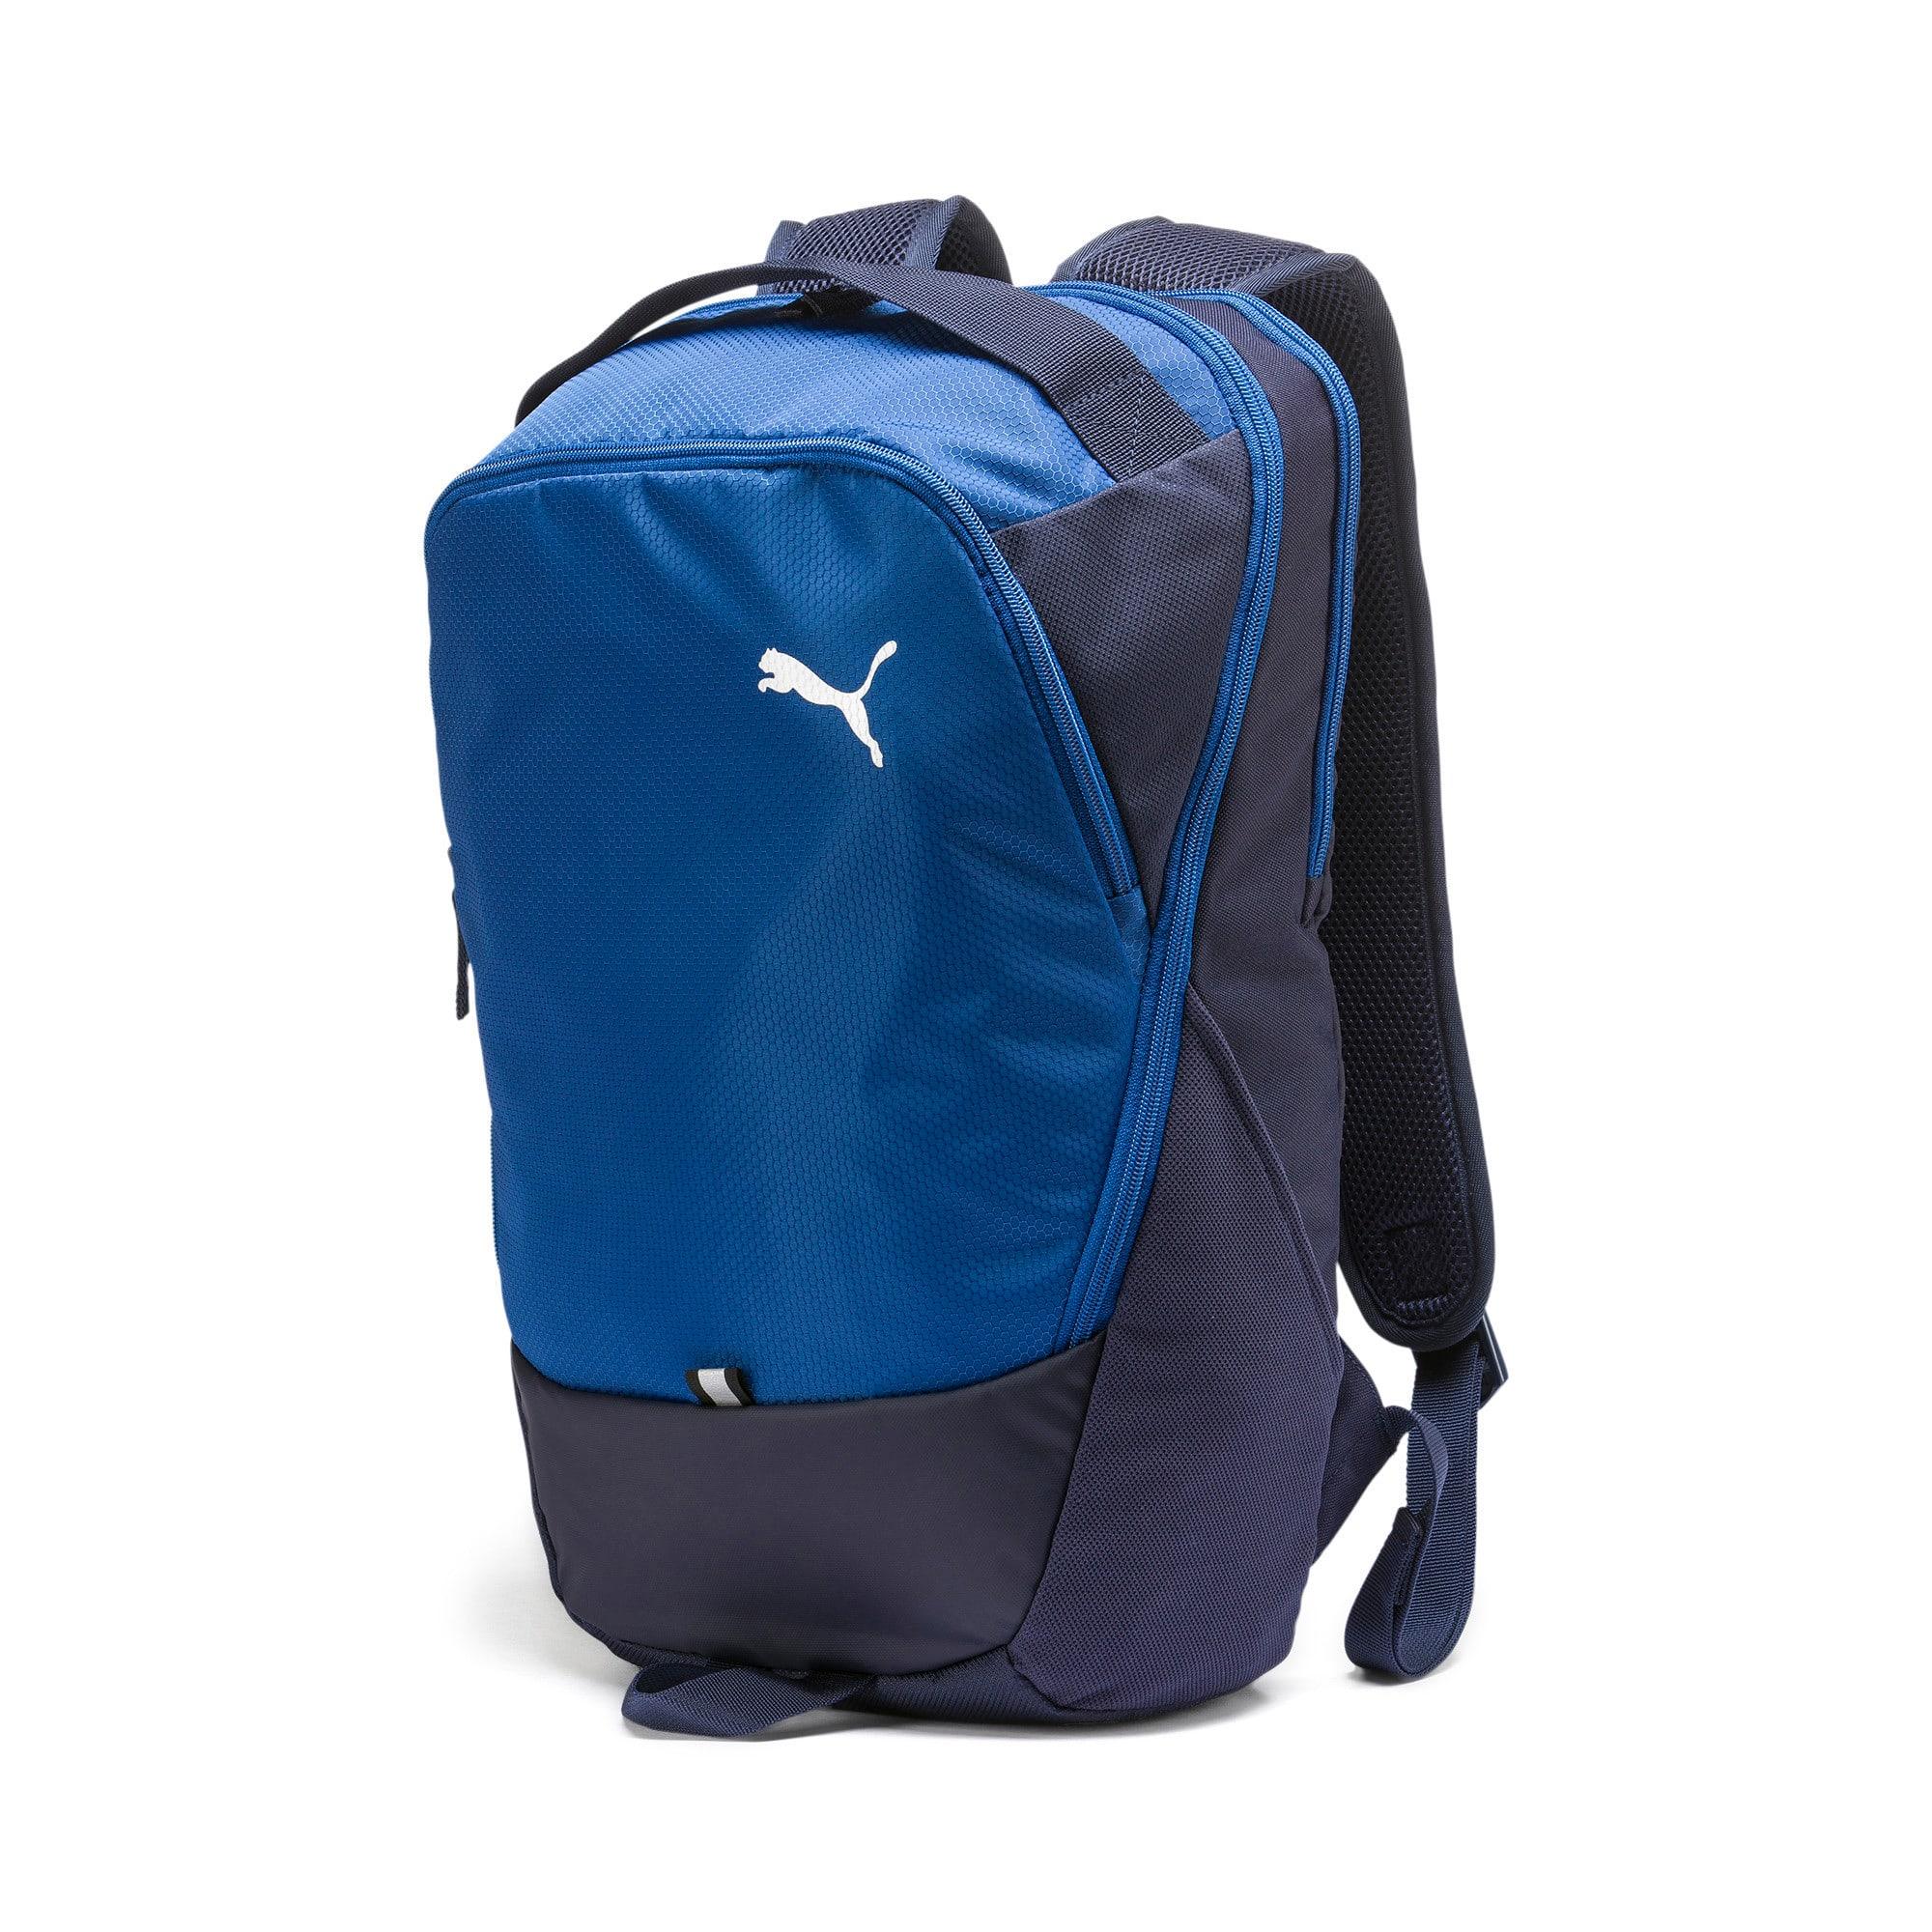 Thumbnail 1 of PUMA X Backpack, Peacoat-Galaxy Blue, medium